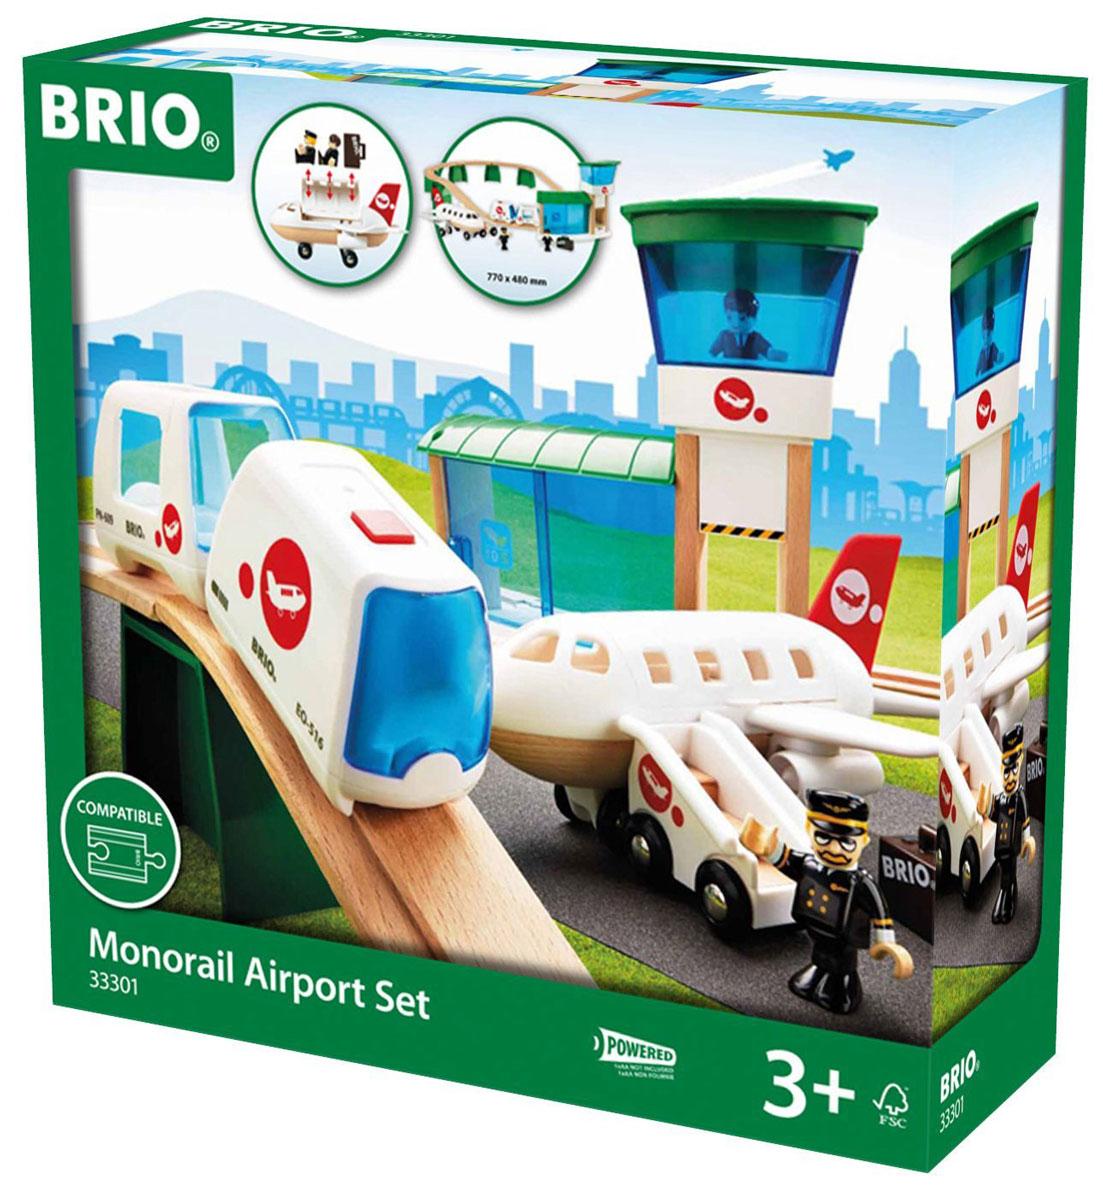 Brio Железная дорога Аэропорт33301Железная дорога Brio Аэропорт состоит из 22 элементов. Набор состоит из поезда Brio и элементов дороги. Поезд состоит из главного и пассажирского вагонов. Поезд работает от элементов питания и сам двигается по пути. Человечки могут быть размещены по вагонам, а также в самолете (там помещается 2 человечка с ручной кладью). Самолет оснащен мобильным трапом, по которому могут подниматься фигурки. Здание аэровокзала позволяет человечкам ожидать поезд или самолет. Двери у аэровокзала подвижные, могут закрываться и открываться. На аэровокзале присутствует пункт досмотра ручной клади. В аэропорту располагается смотровая вышка, на которую можно посадить авиадиспетчера. Он следит за прилетом и отправкой самолетов. Набор совместим со всеми железными дорогами и паровозиками Brio. Необходимо купить батарейку напряжением 1,5V типа АА (не входят в комплект).